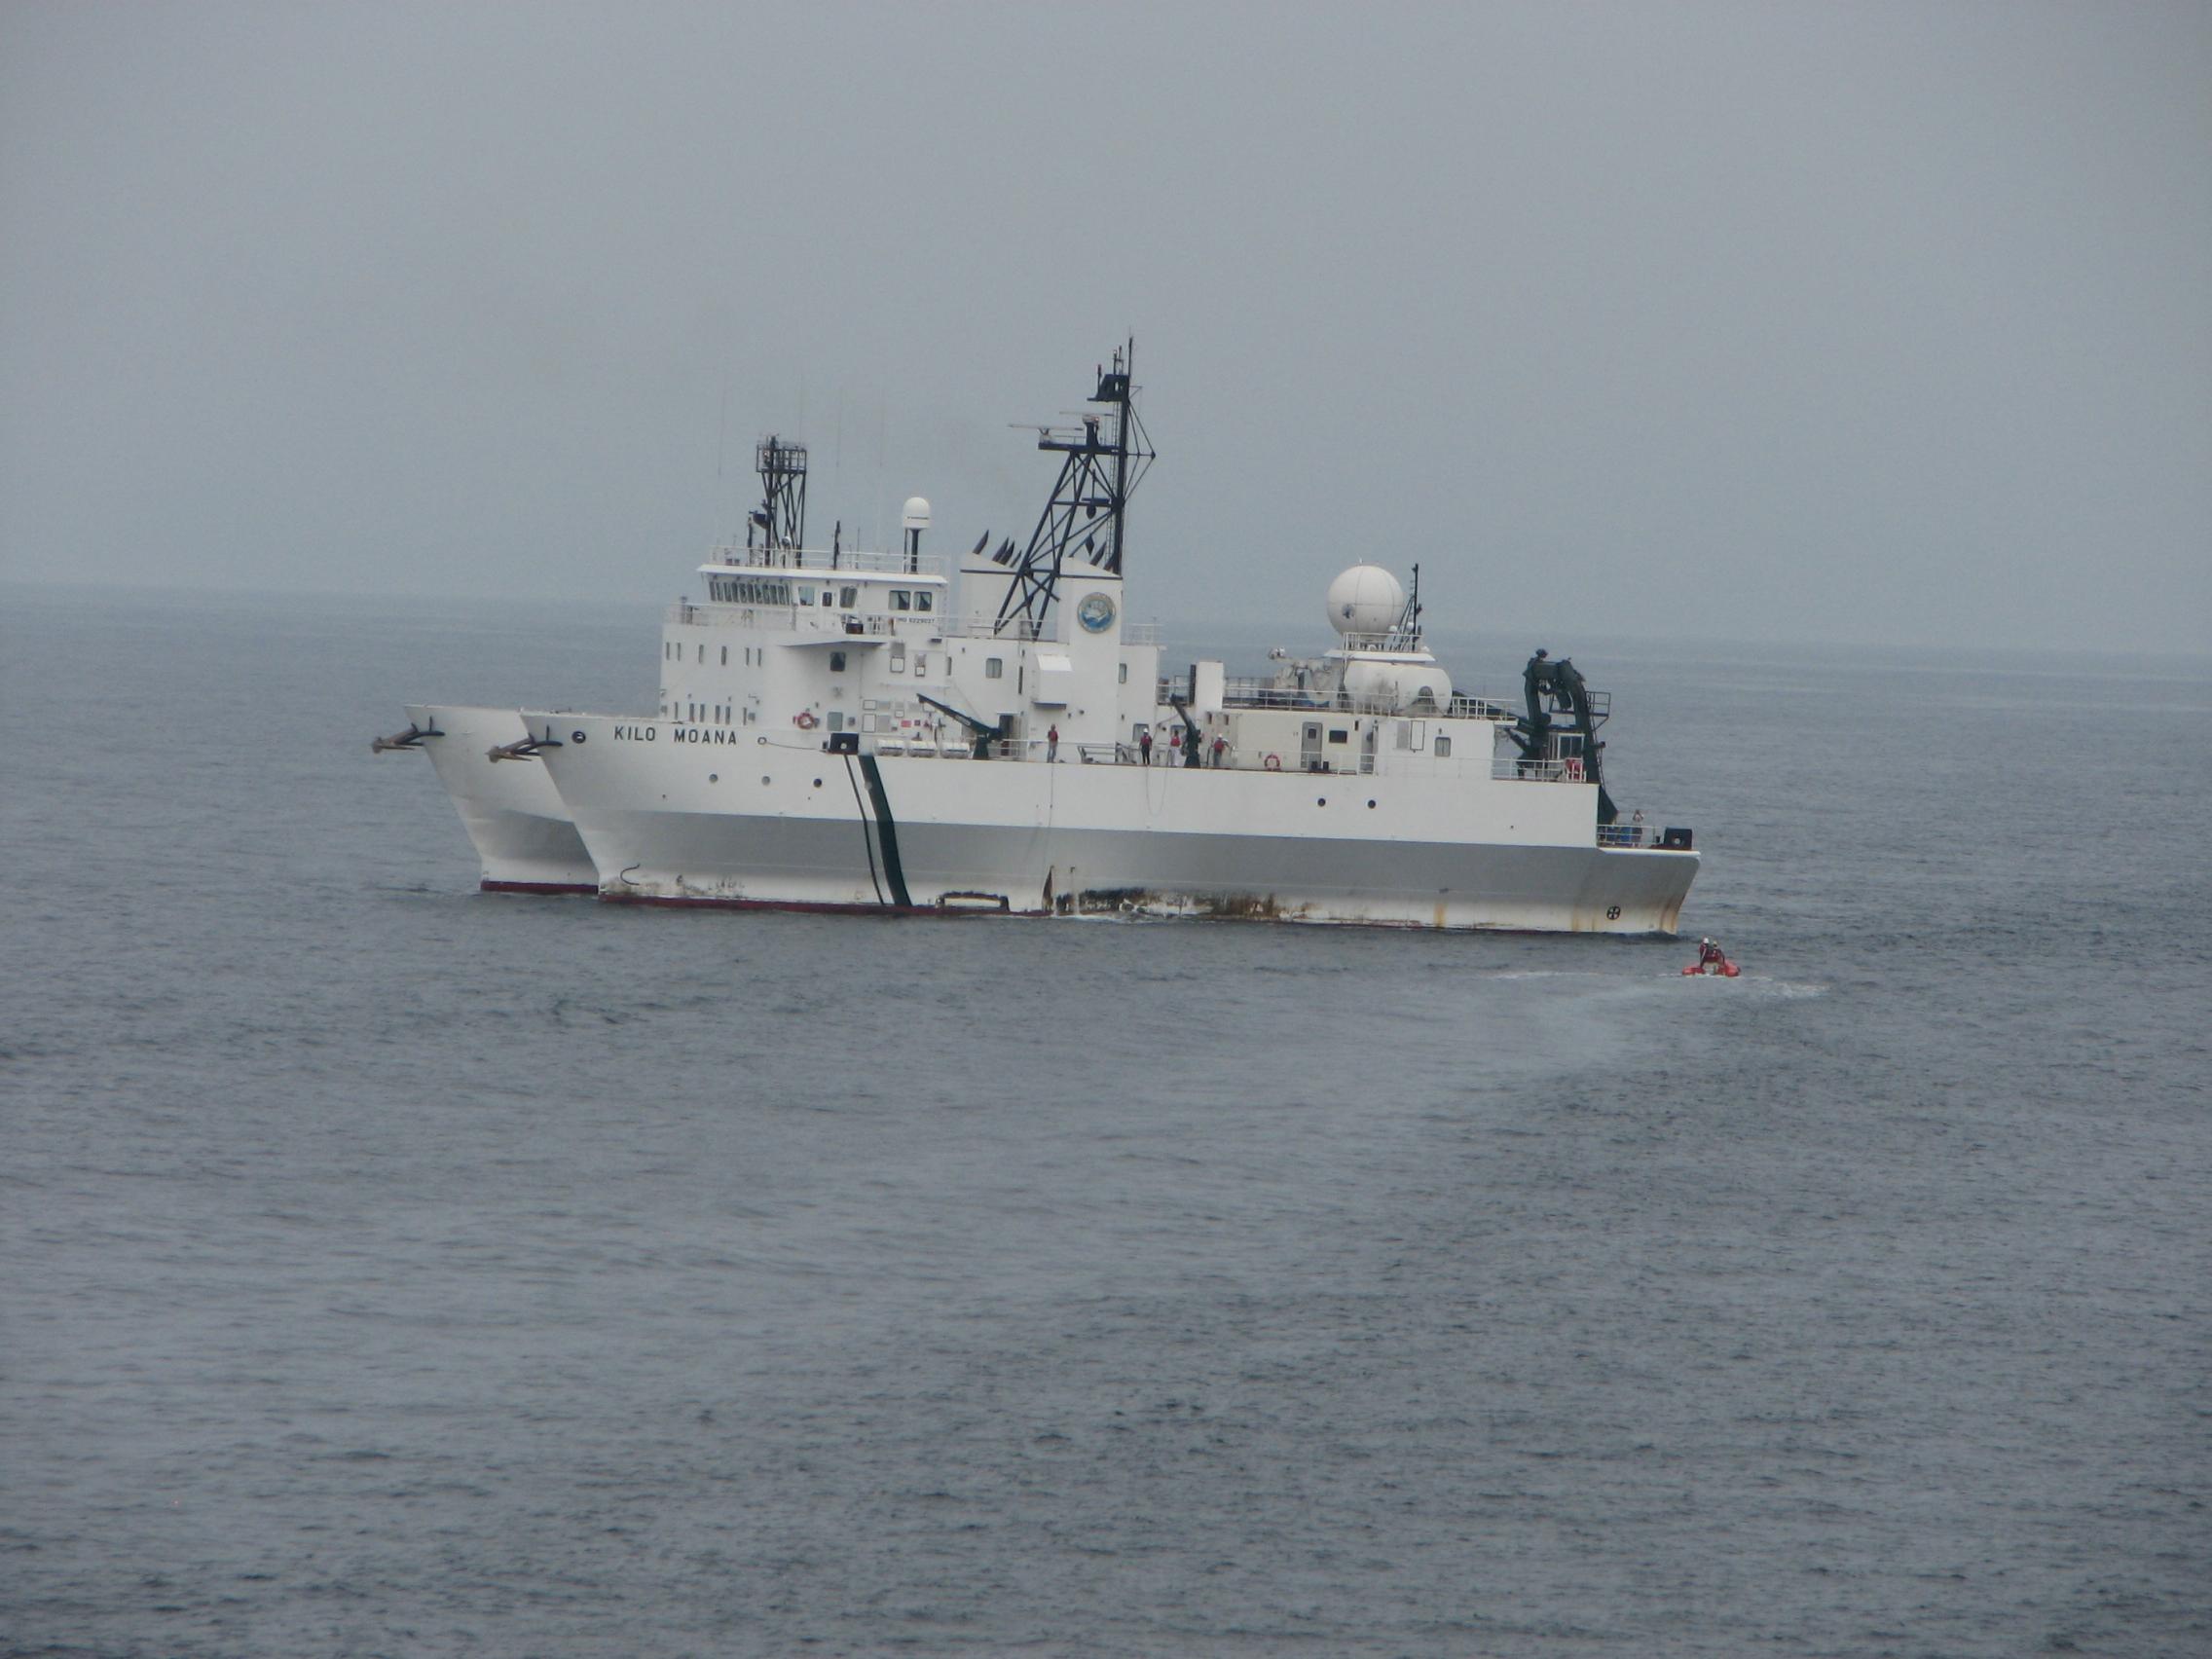 RADYO Boat